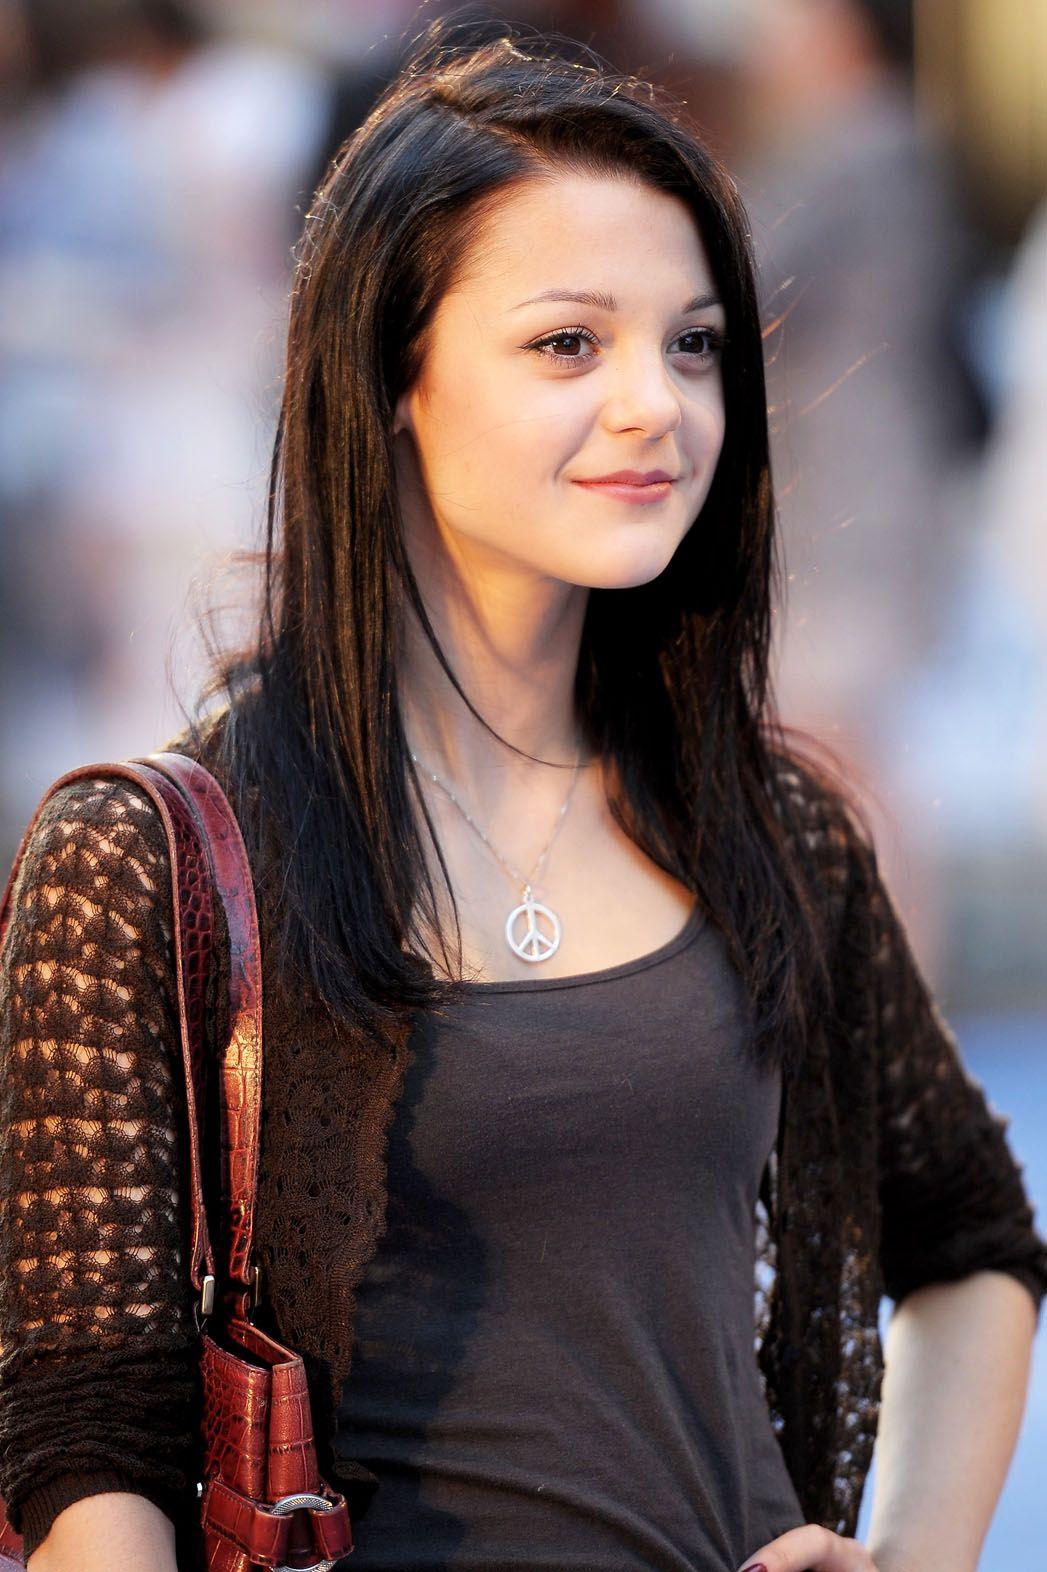 Megan Prescott (born 1991)